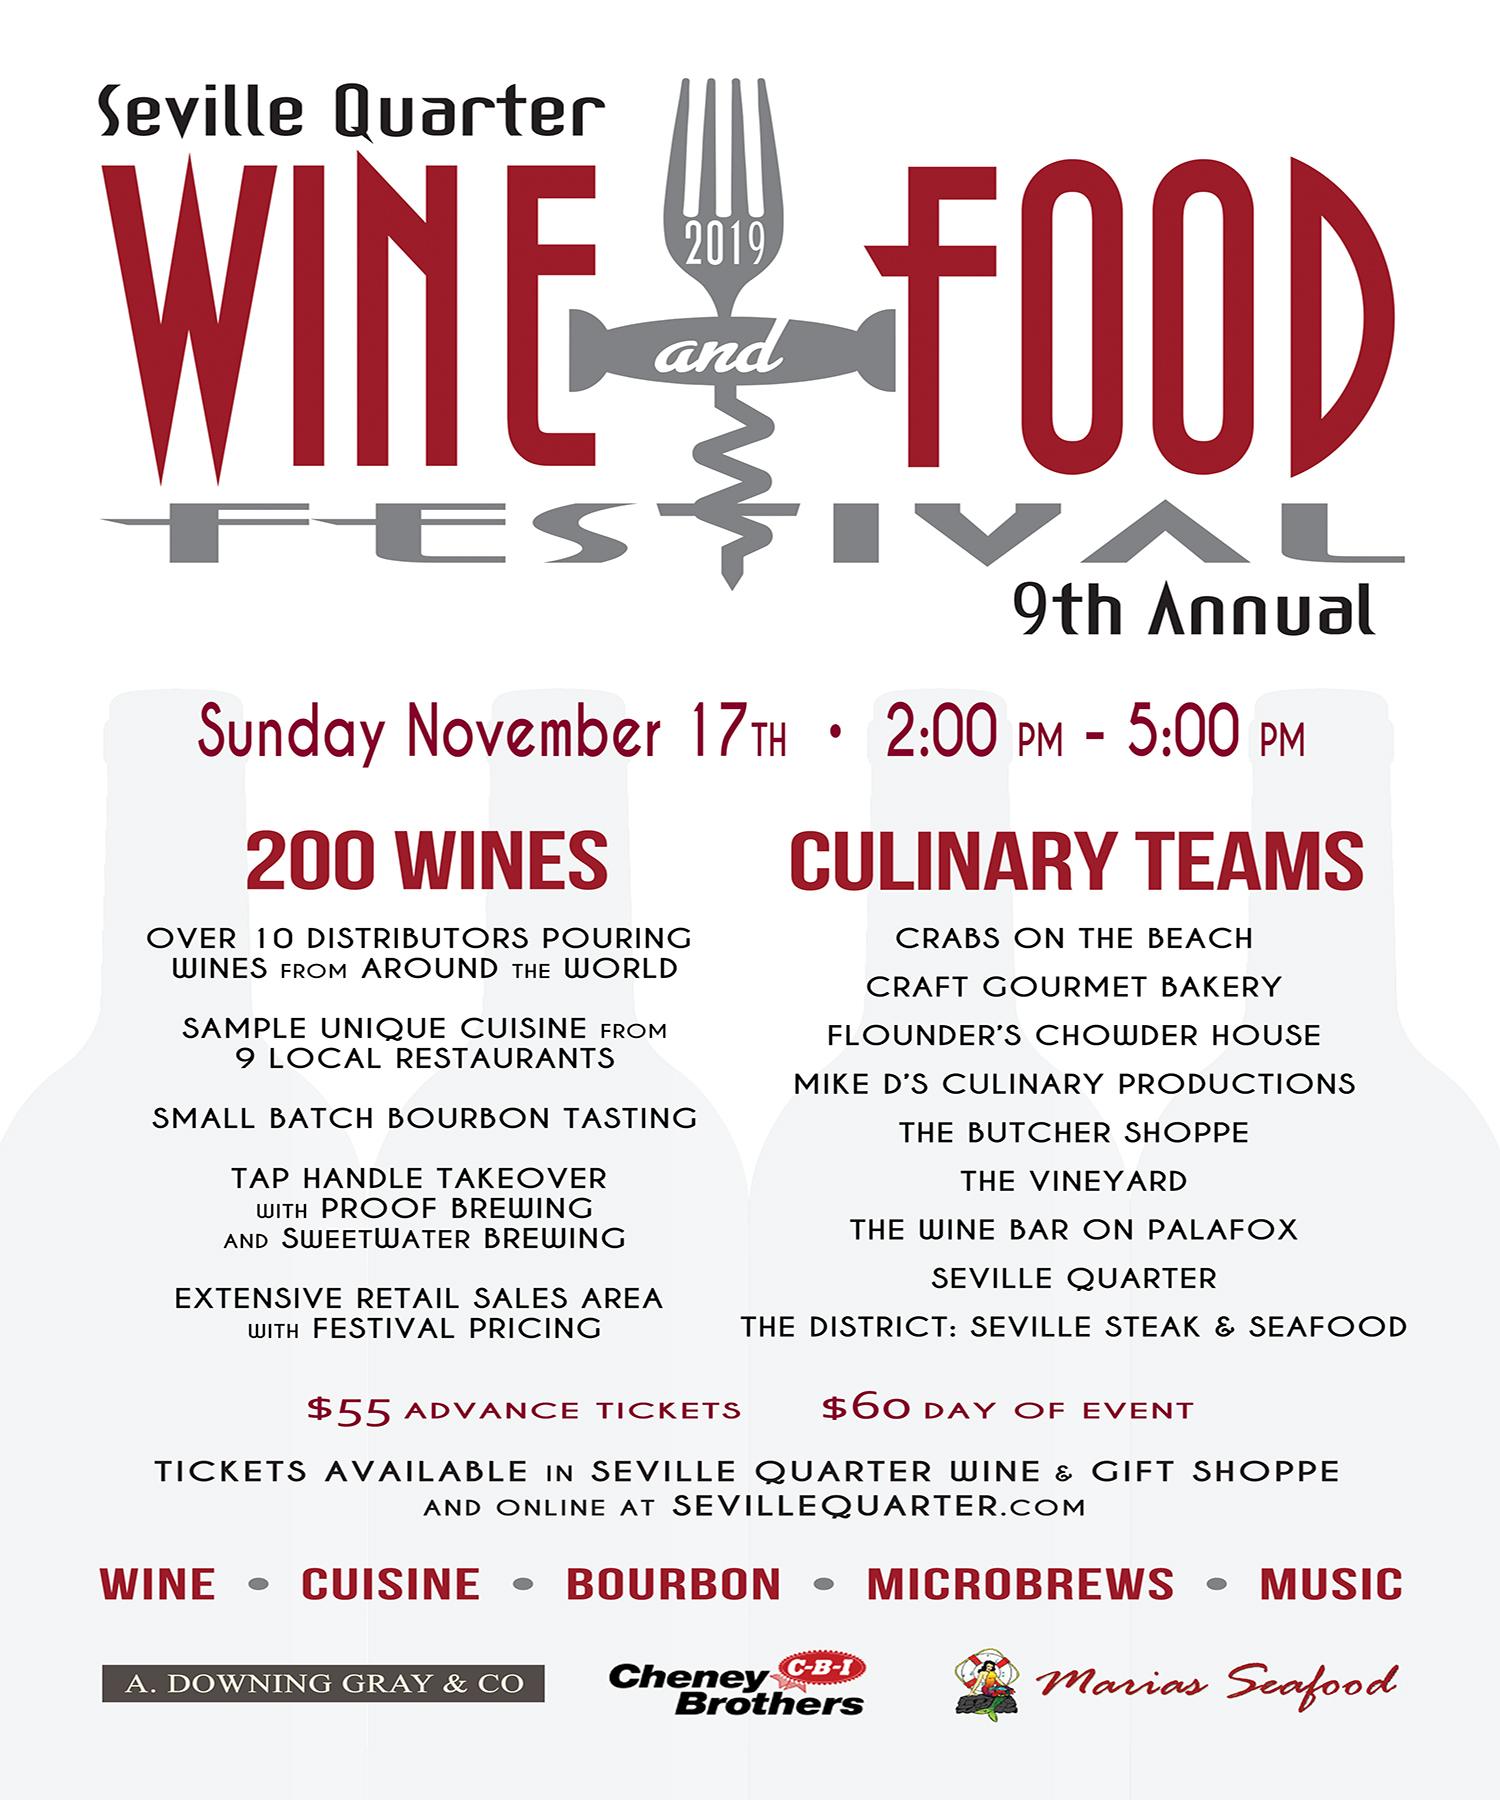 2019 Wine & Food Festival